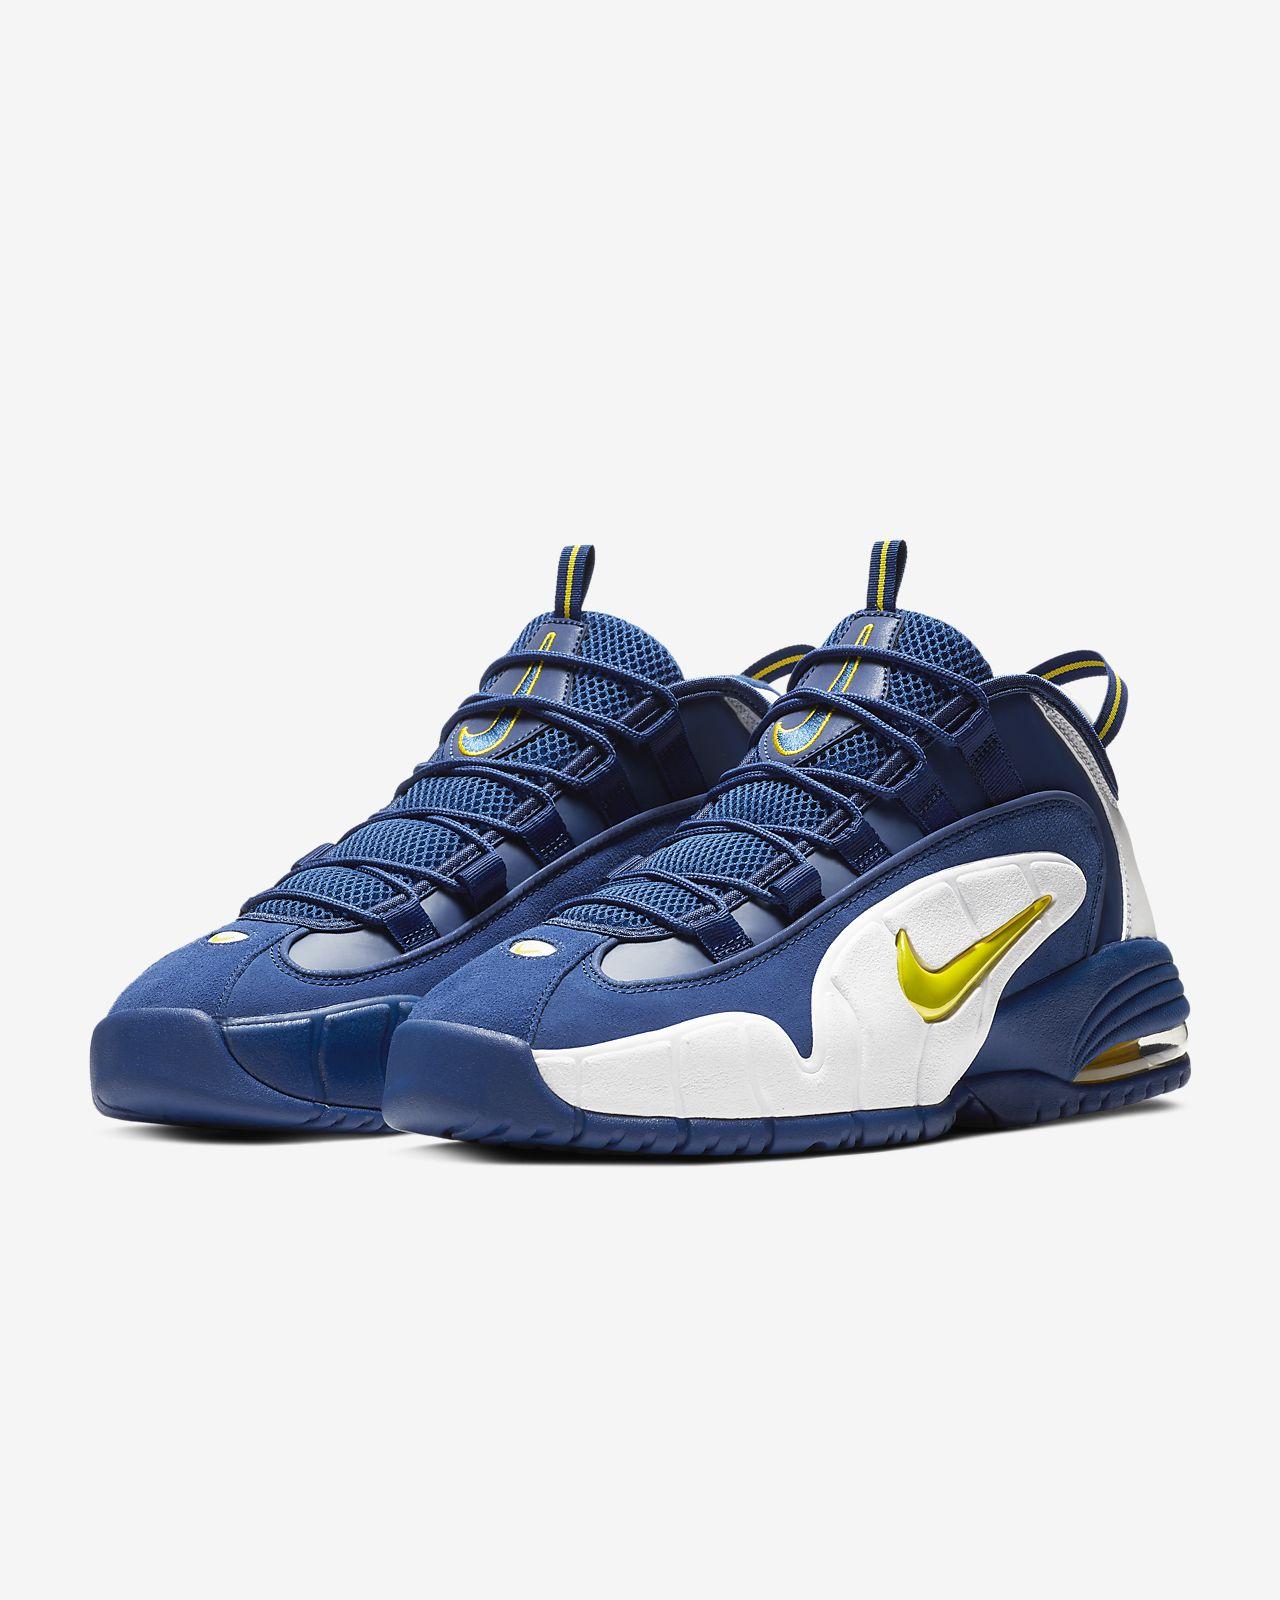 new concept 9d926 625d5 ... Nike Air Max Penny Men s Shoe